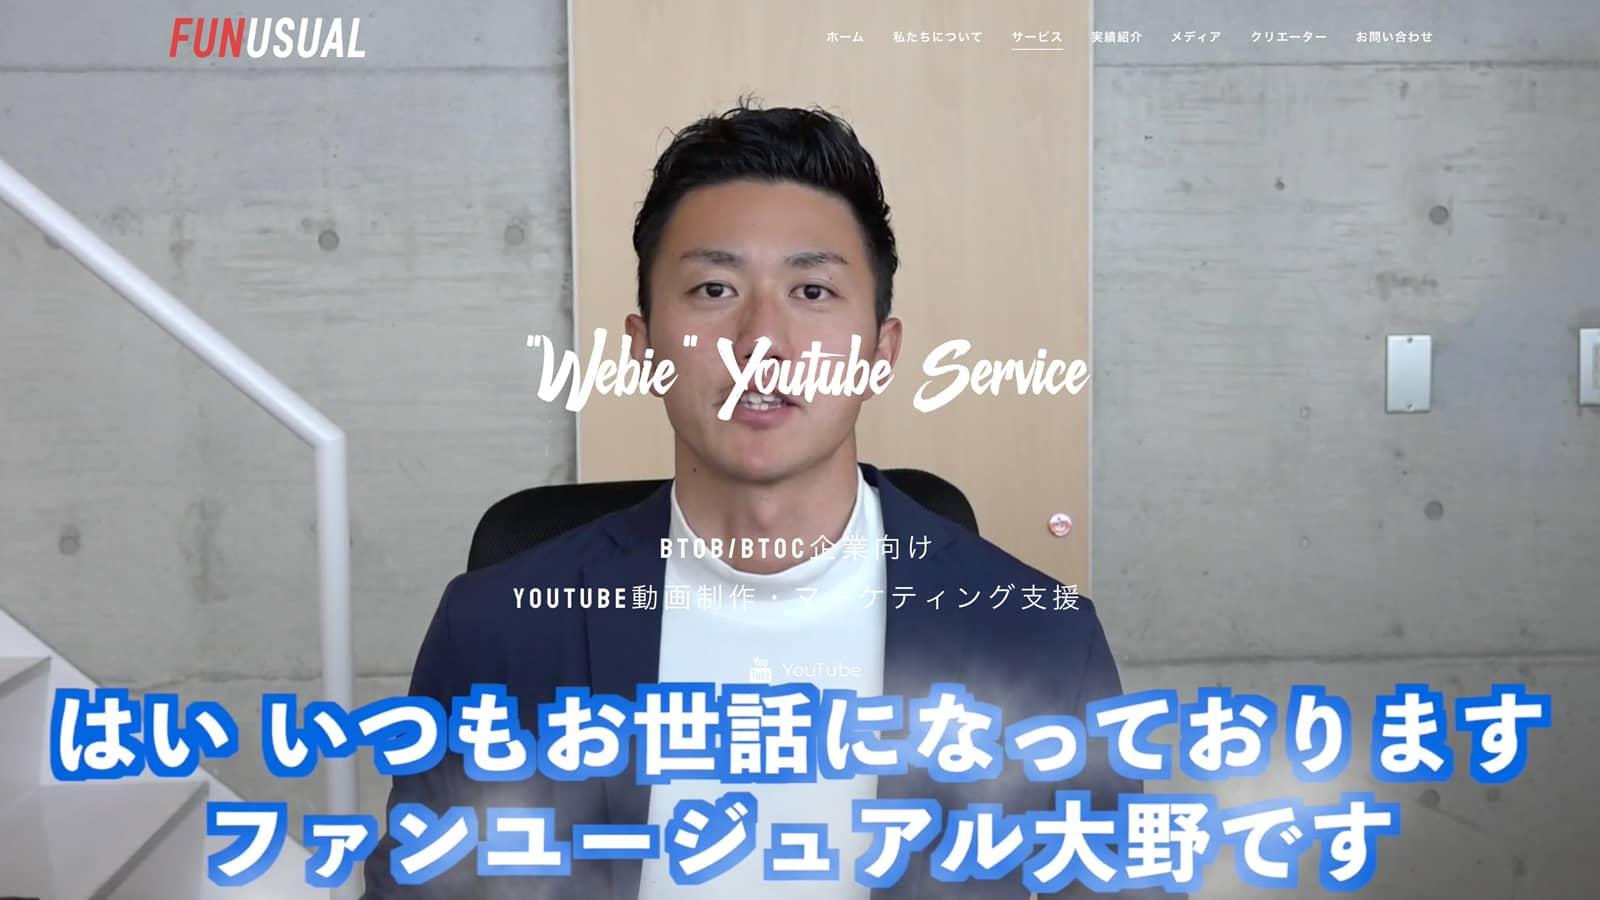 BtoB/BtoC企業向けYouTube動画制作「Webieウェビー」